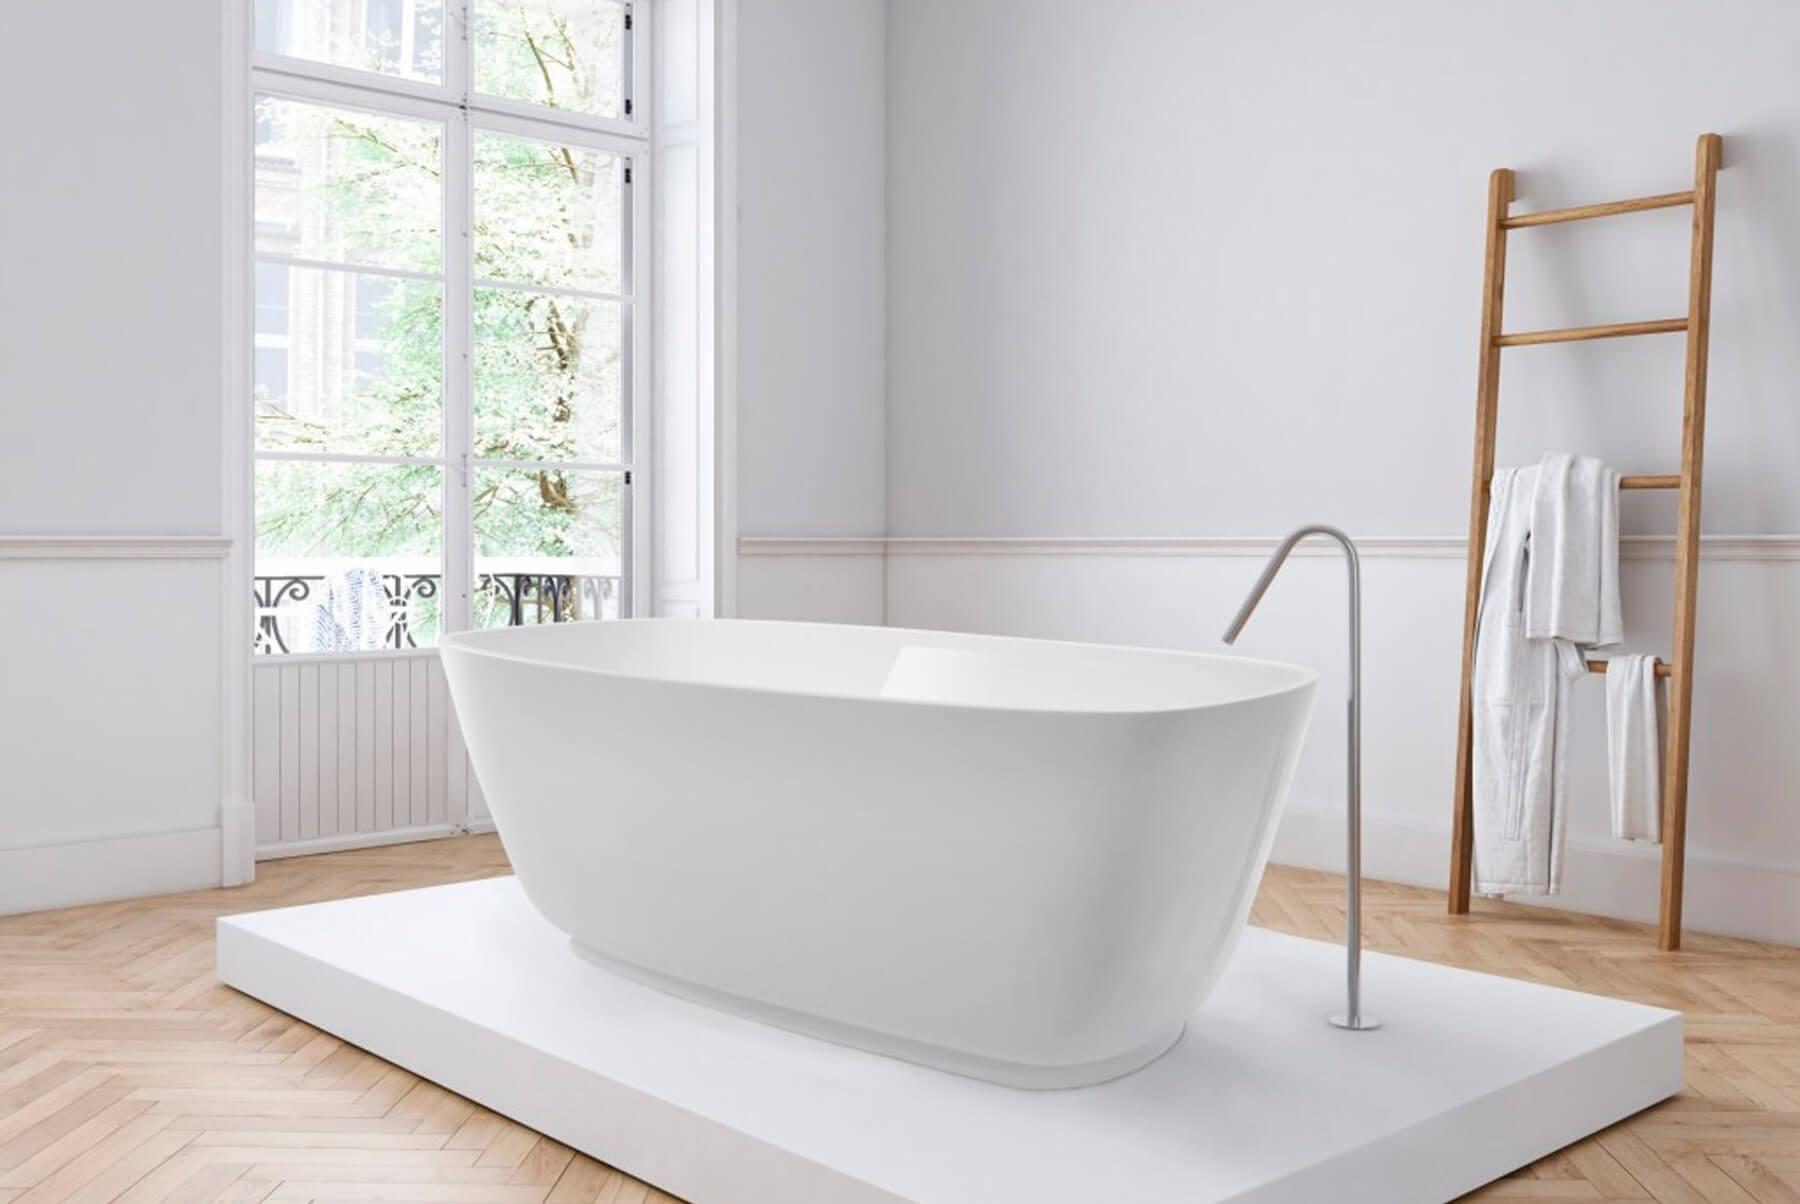 Bath-Tubs-BC-DIVITA-MAIN-WHITE-1800x1204